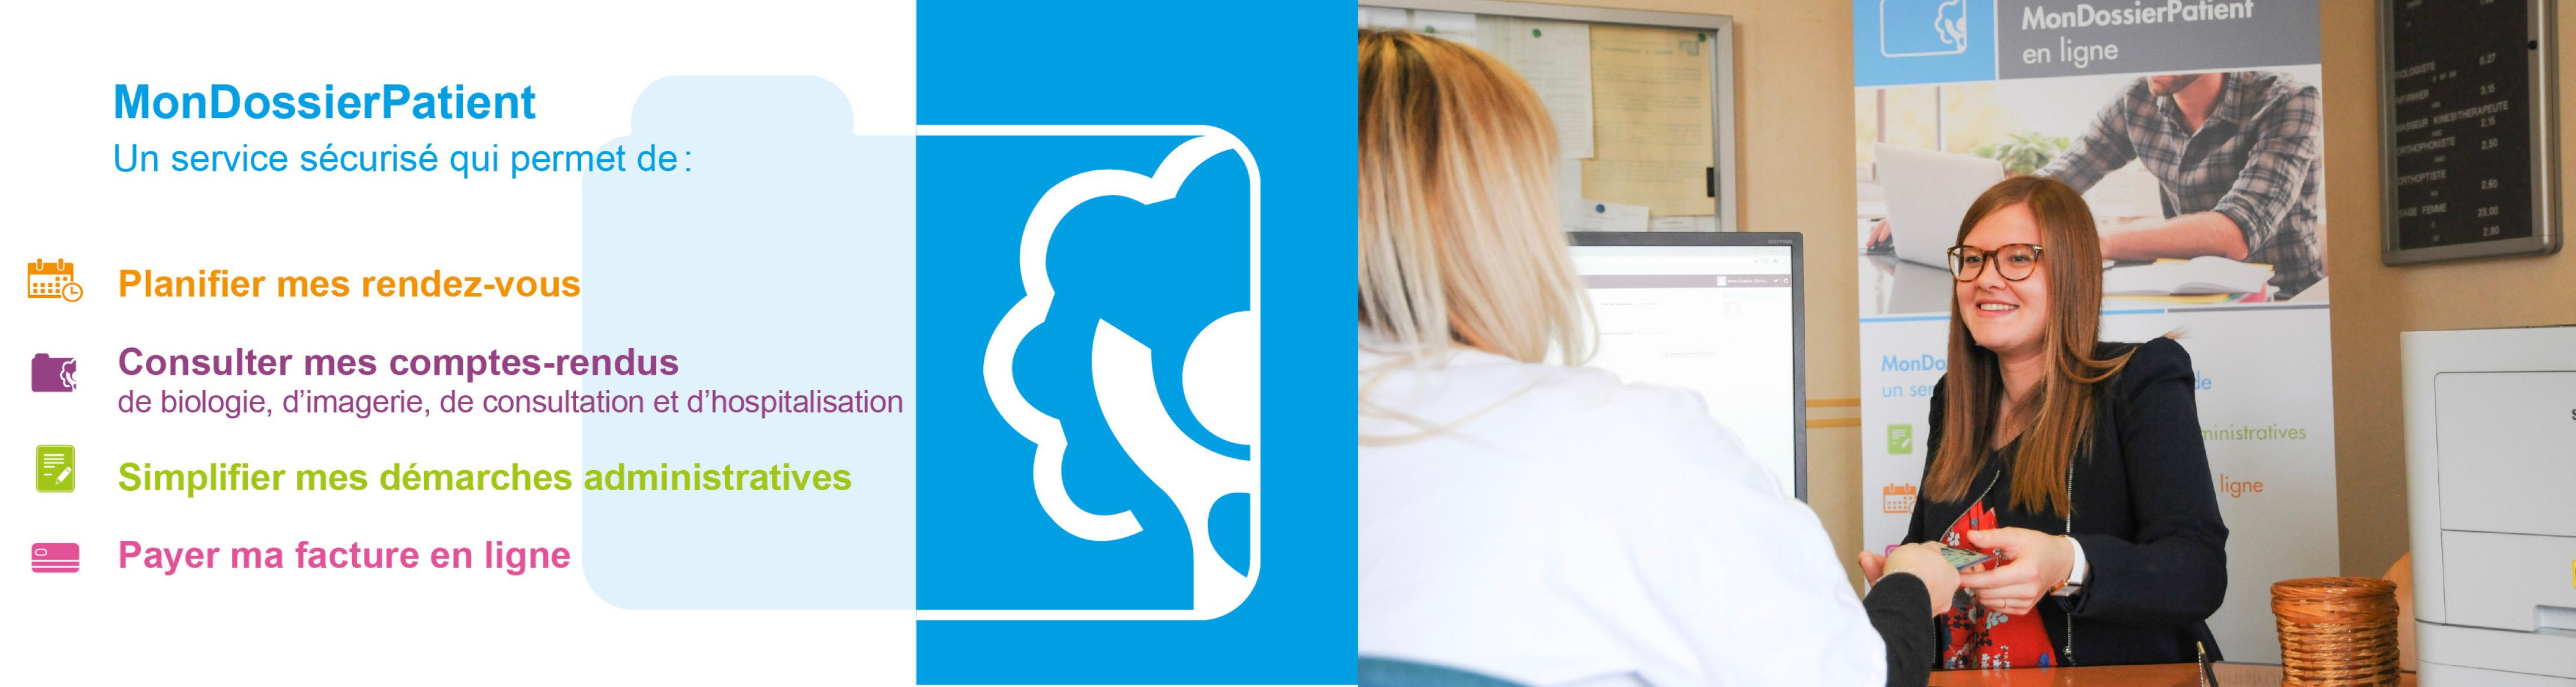 Mon Dossier Patient, un portail digital pour faciliter vos démarches au CHU